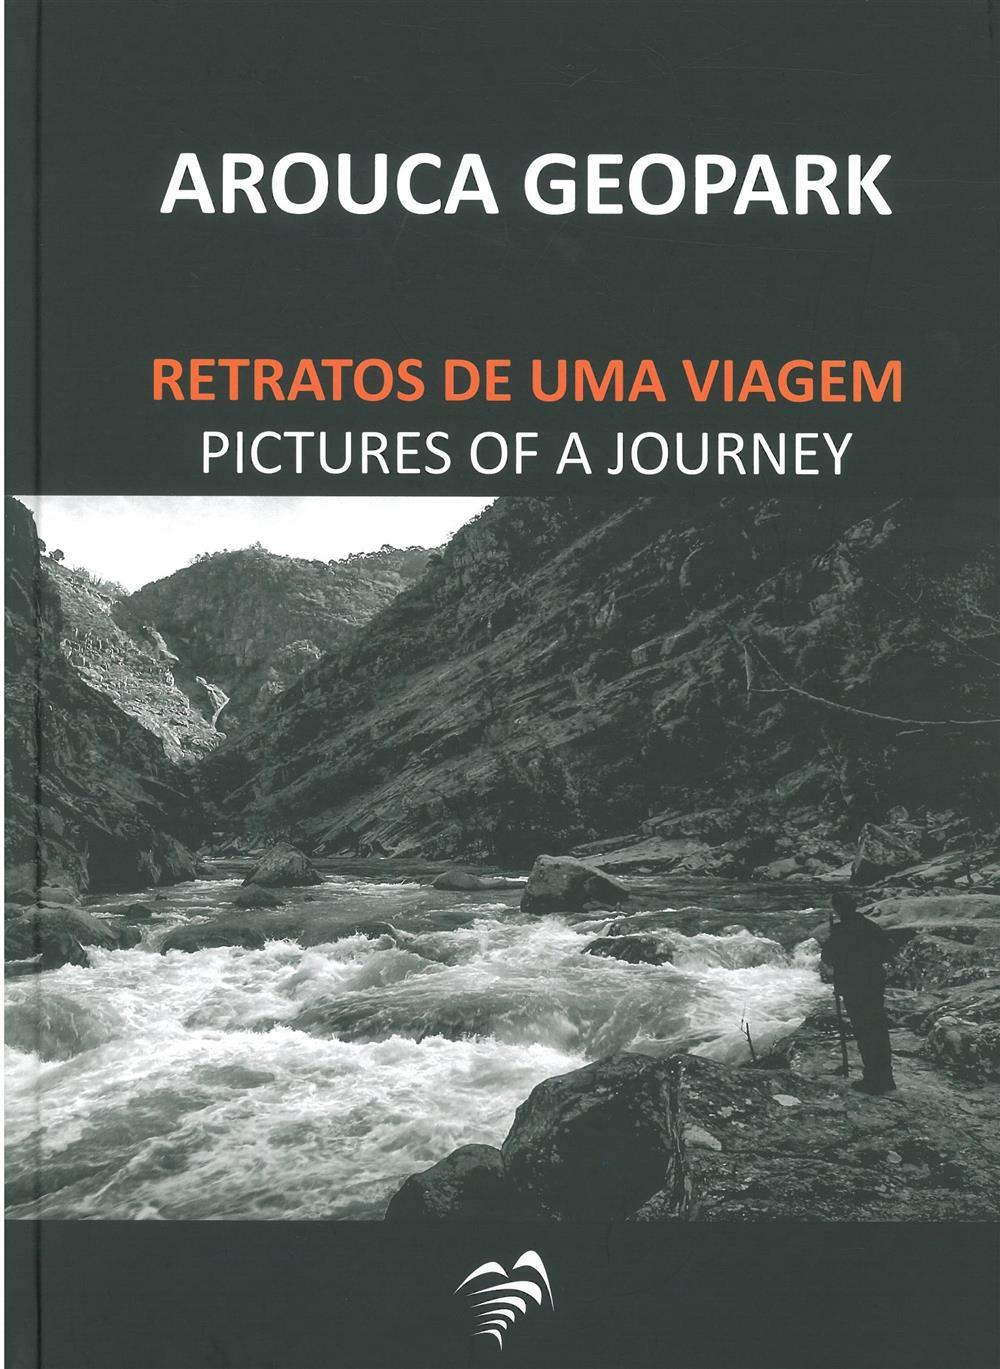 Arouca Geopark : retratos de uma viagem.jpg